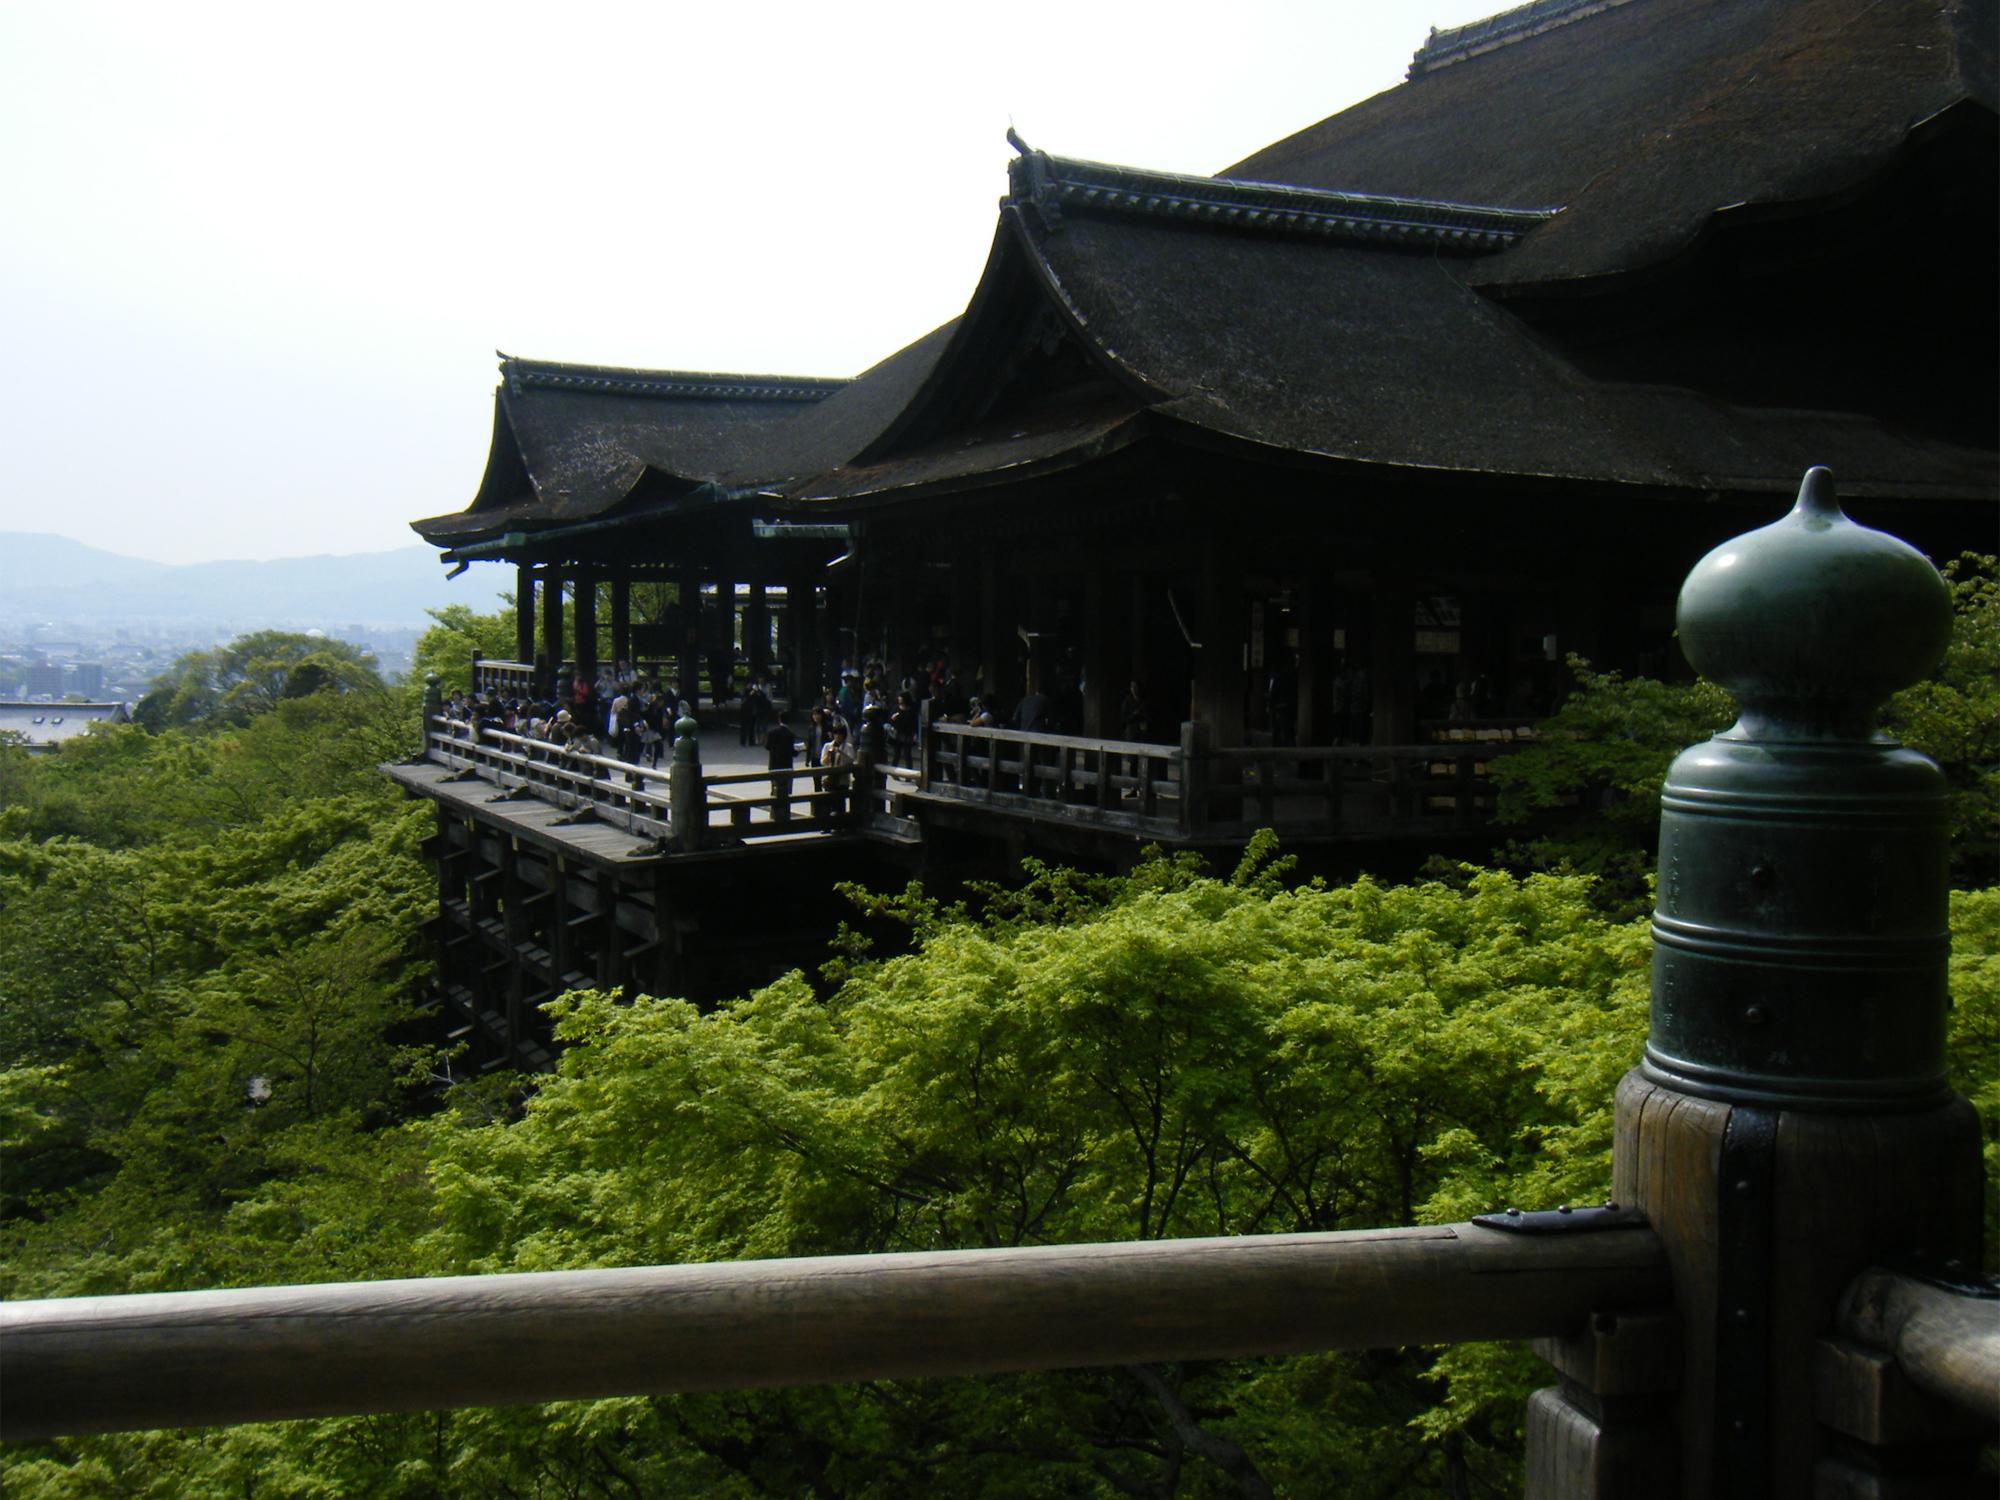 京都の心霊スポットランキング!神社や廃墟などおすすめの場所をご紹介!